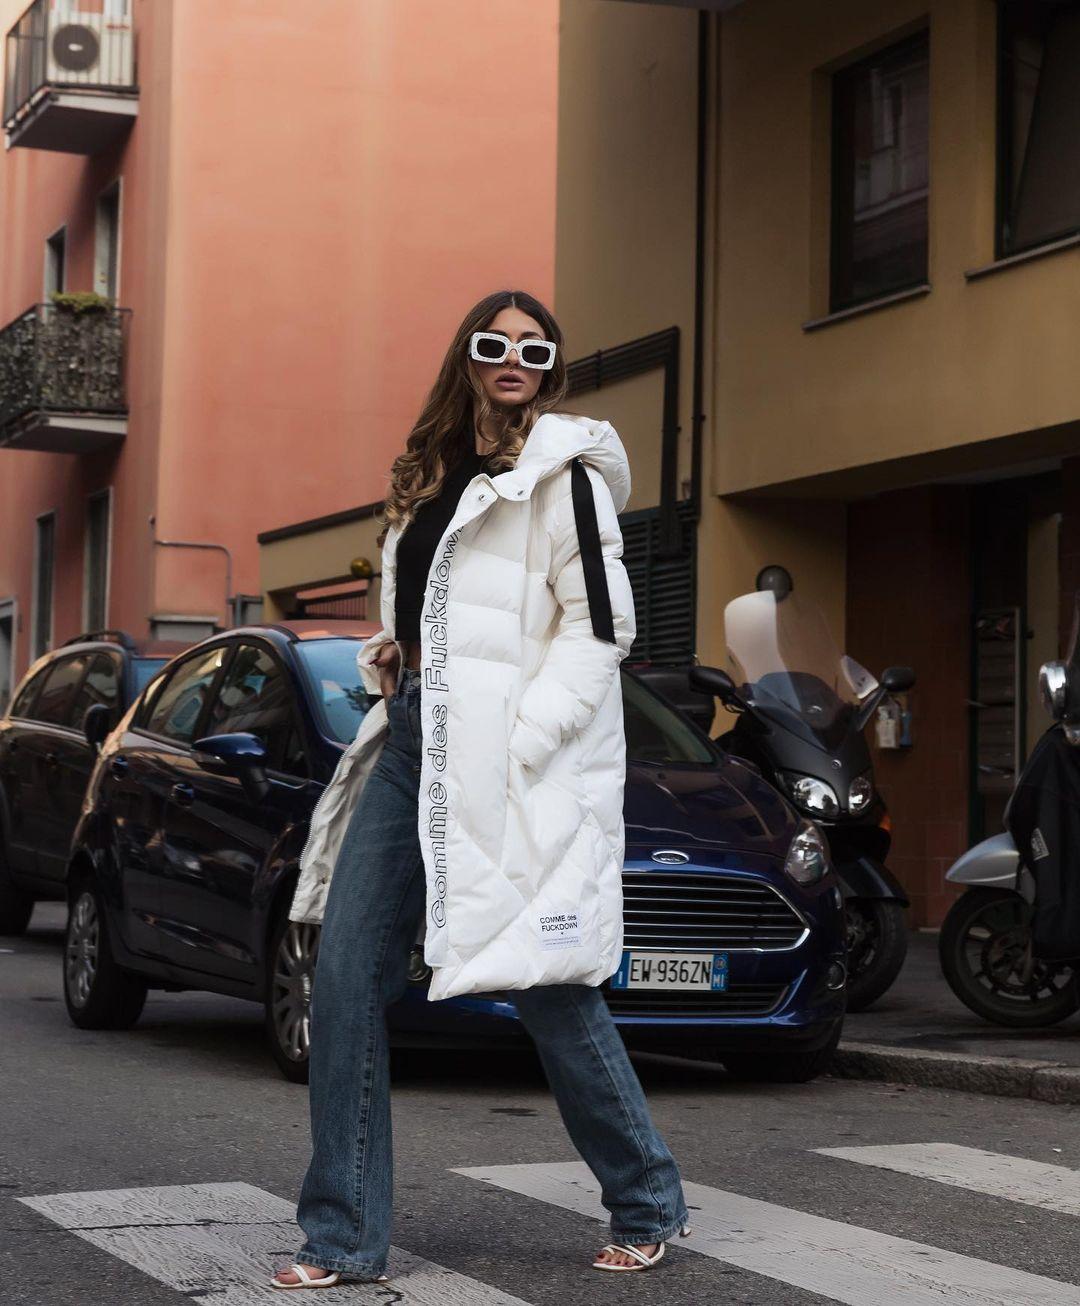 Roberta-Carluccio-Wallpapers-Insta-Fit-Bio-5